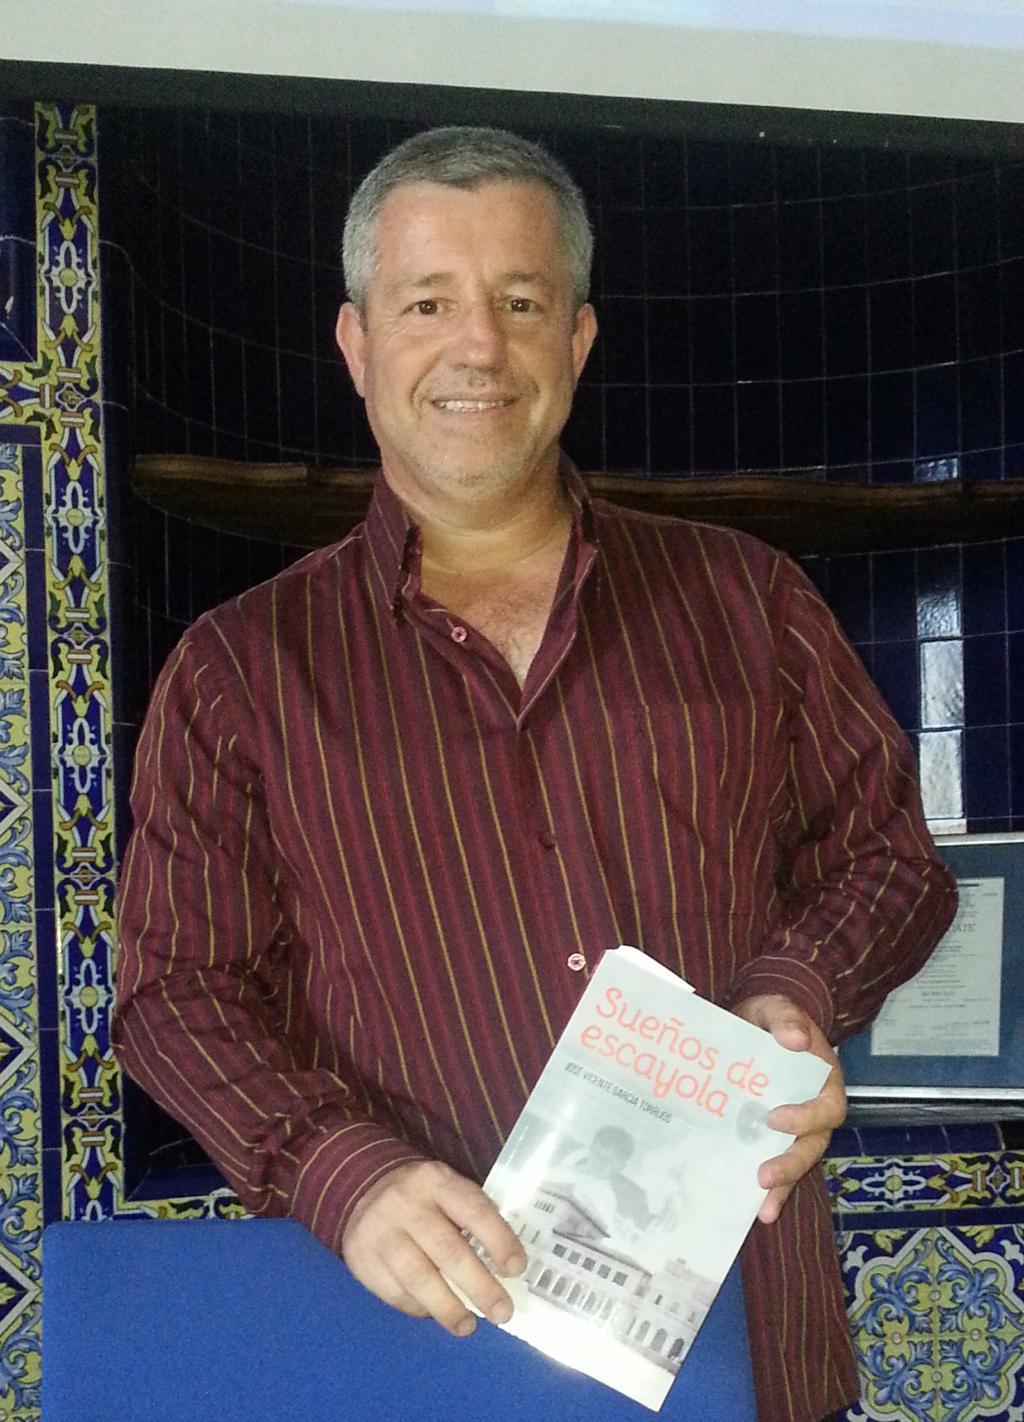 José Vicente posando con su libro / Foto: Alejandro Piquero Serrano